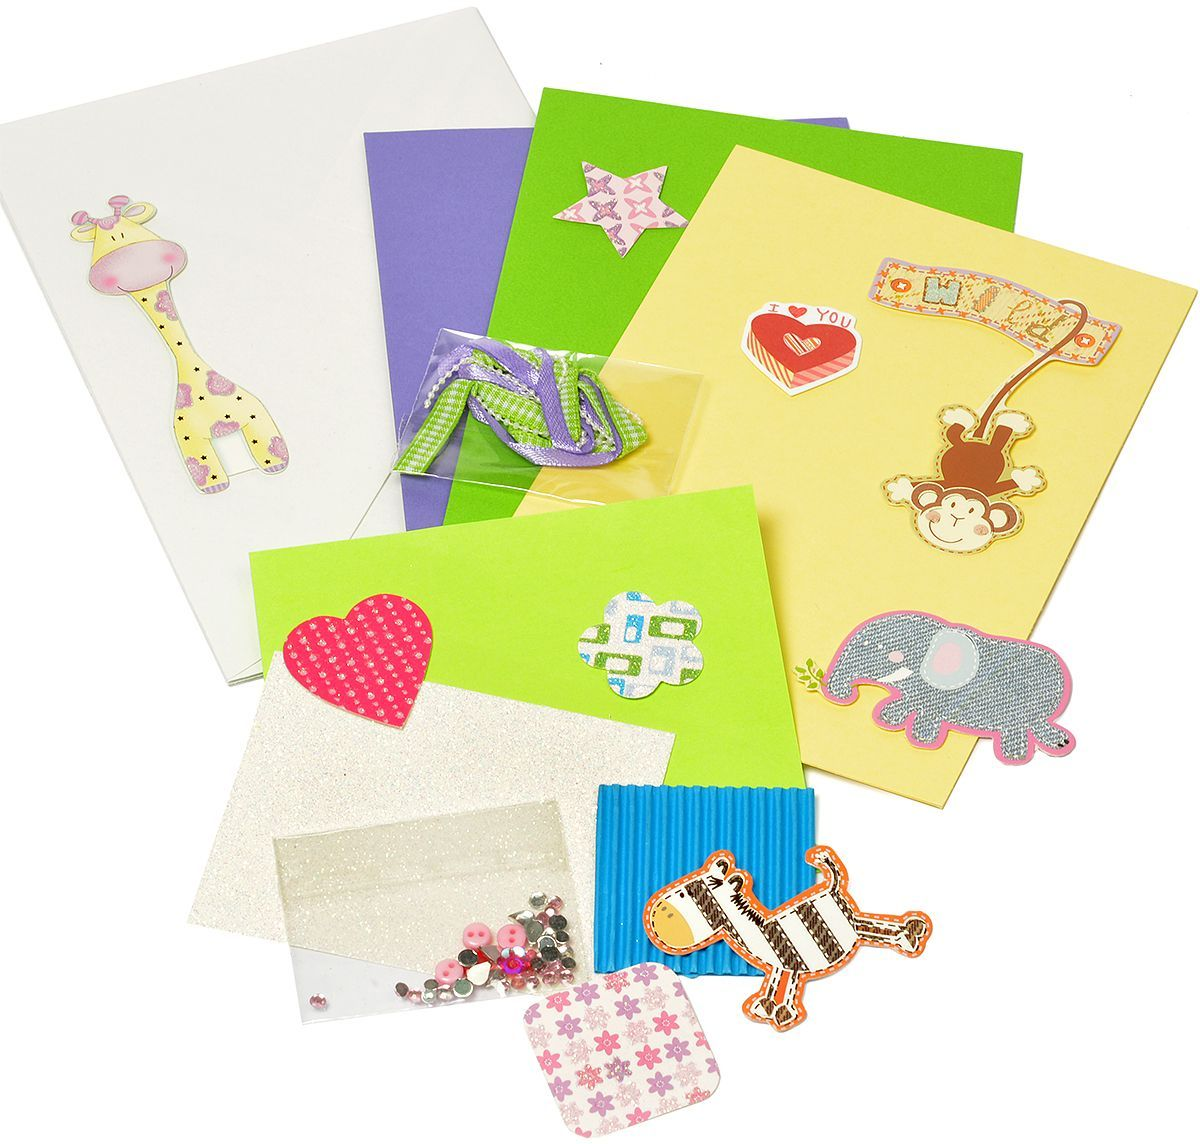 Набор для создания открыток Magic 4 Hobby, 11,5 x 17 см. MG.DIY-3.07 набор для создания открыток magic 4 hobby 11 5 x 17 см 11 5 x 21 см mg diy 6b 2